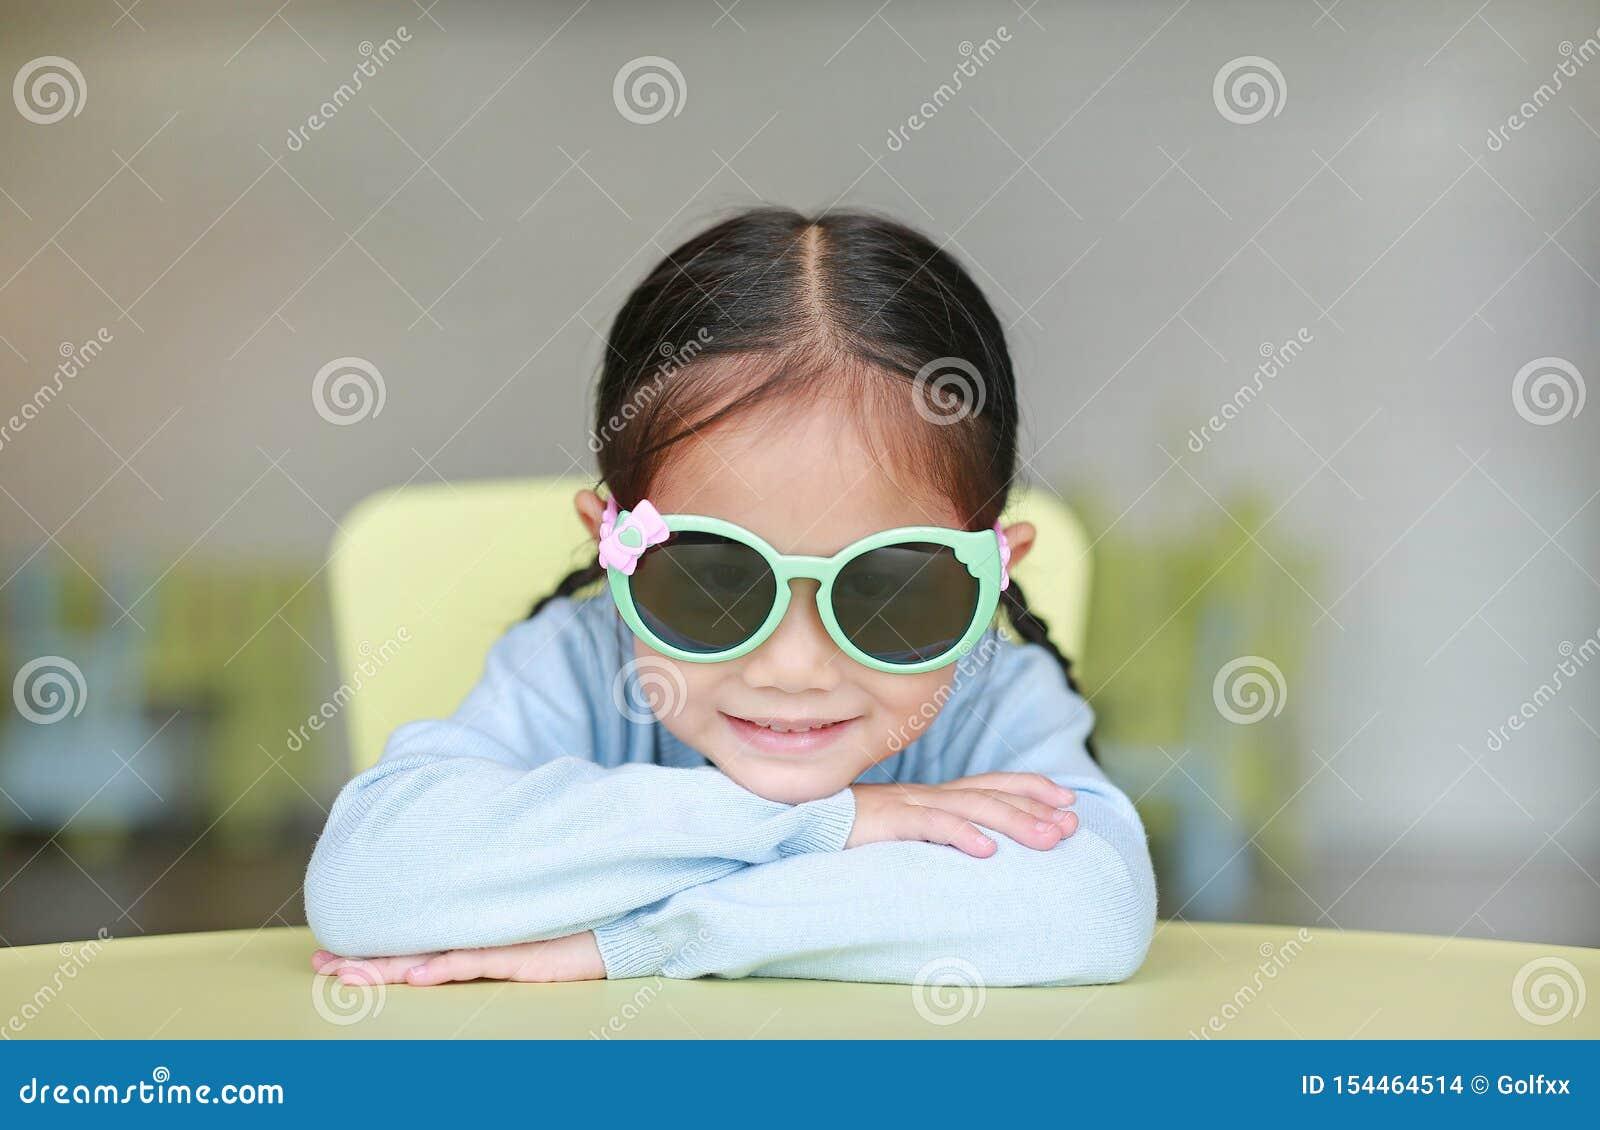 放置在与微笑和看照相机,愉快的孩子的儿童桌佩带的太阳镜的可爱的矮小的亚裔儿童女孩